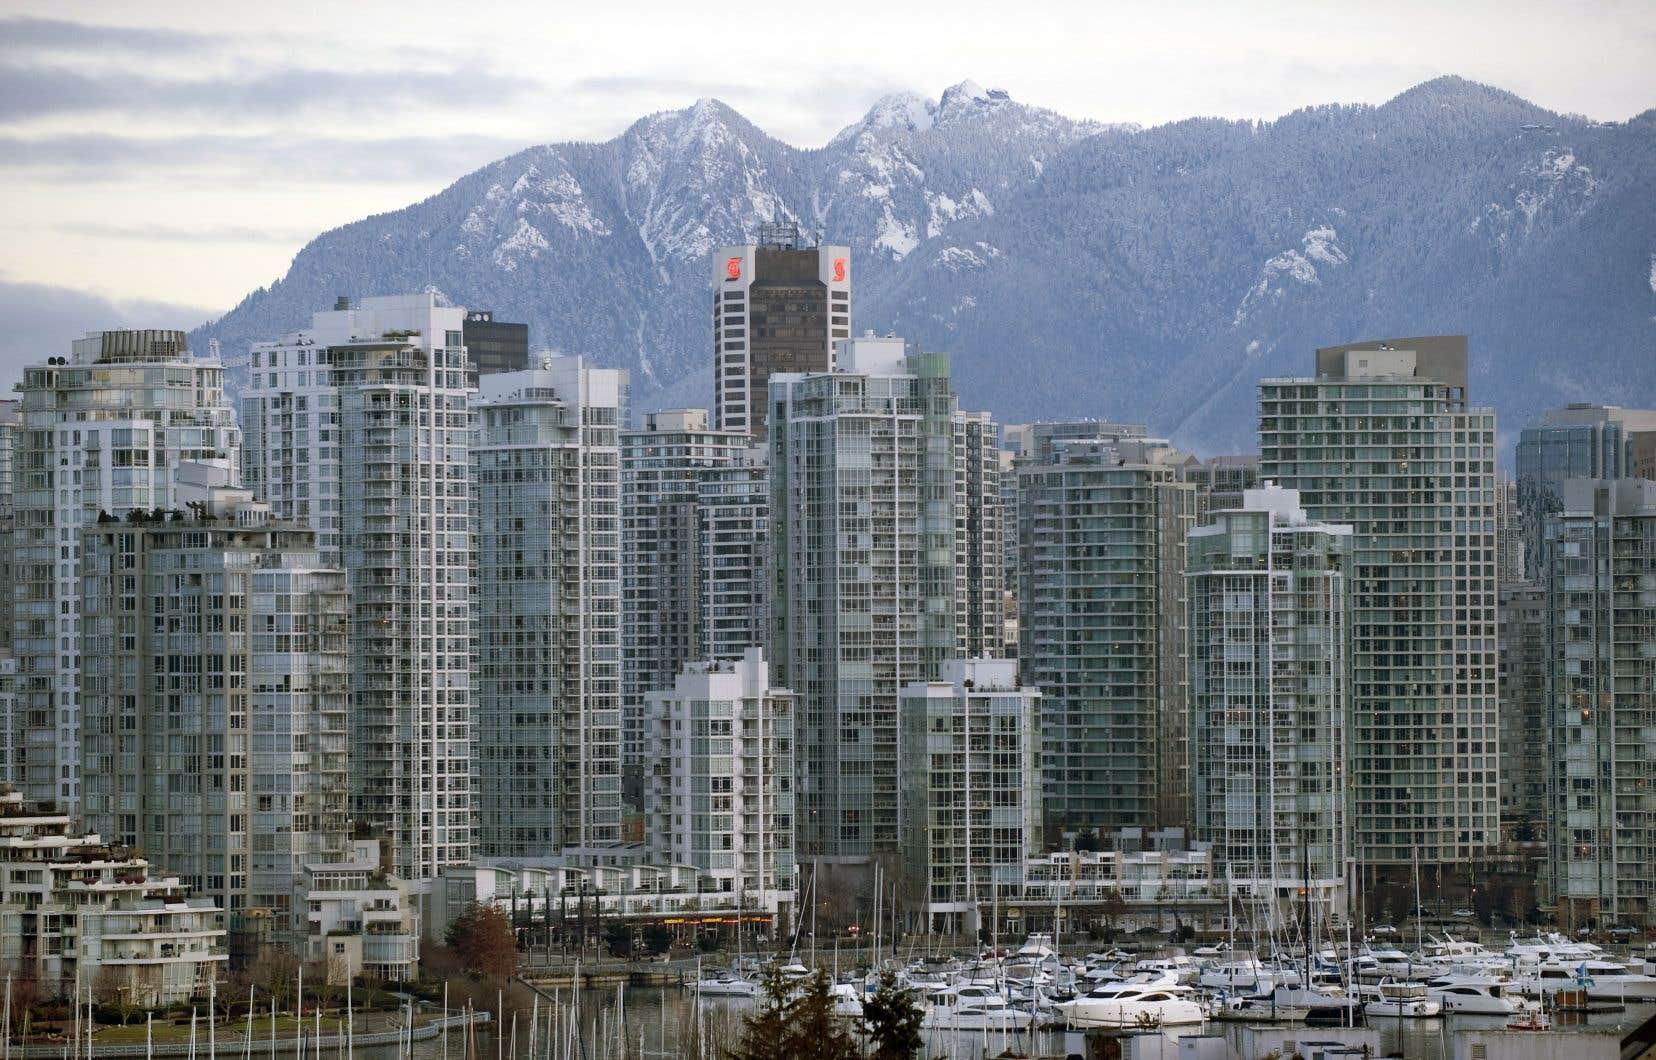 Le prix des logements commence à être élevé dans les grandes villes canadiennes comme Vancouver, mais il reste encore aujourd'hui inférieur à celui de bien d'autres métropoles, comme Londres, New York et Paris.